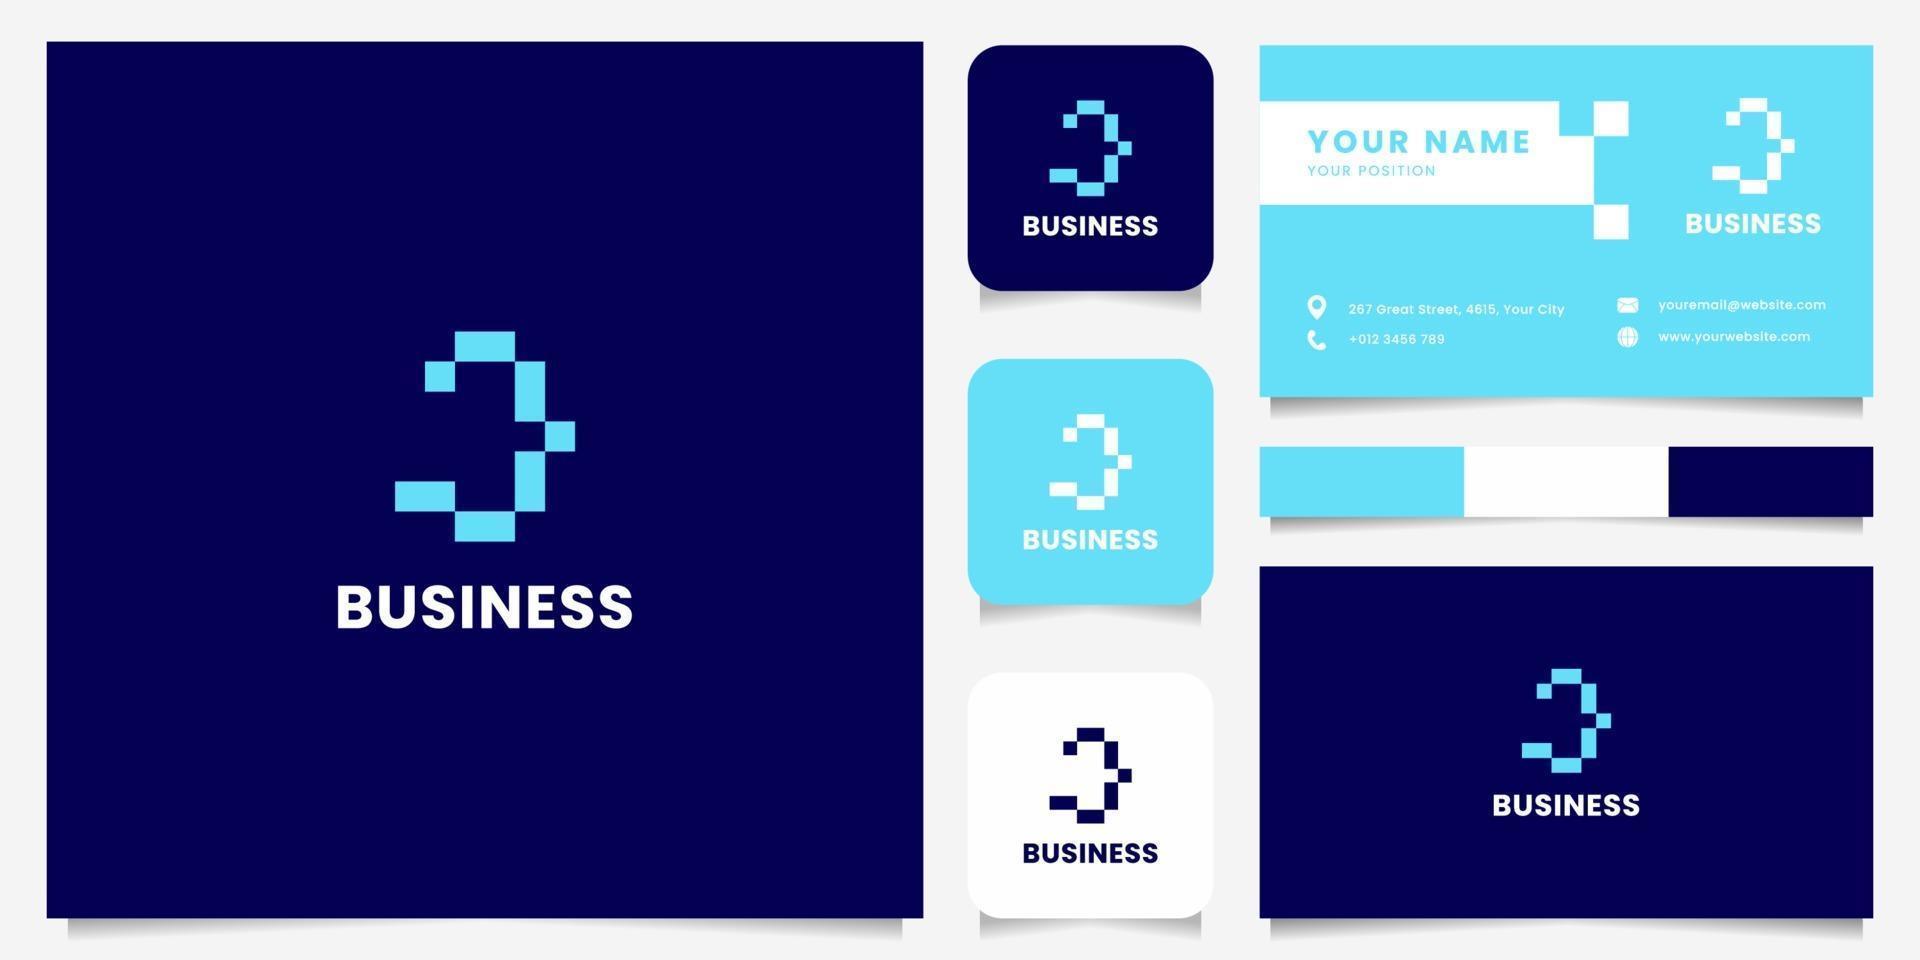 eenvoudig en minimalistisch blauw pixel letter j-logo met sjabloon voor visitekaartjes vector